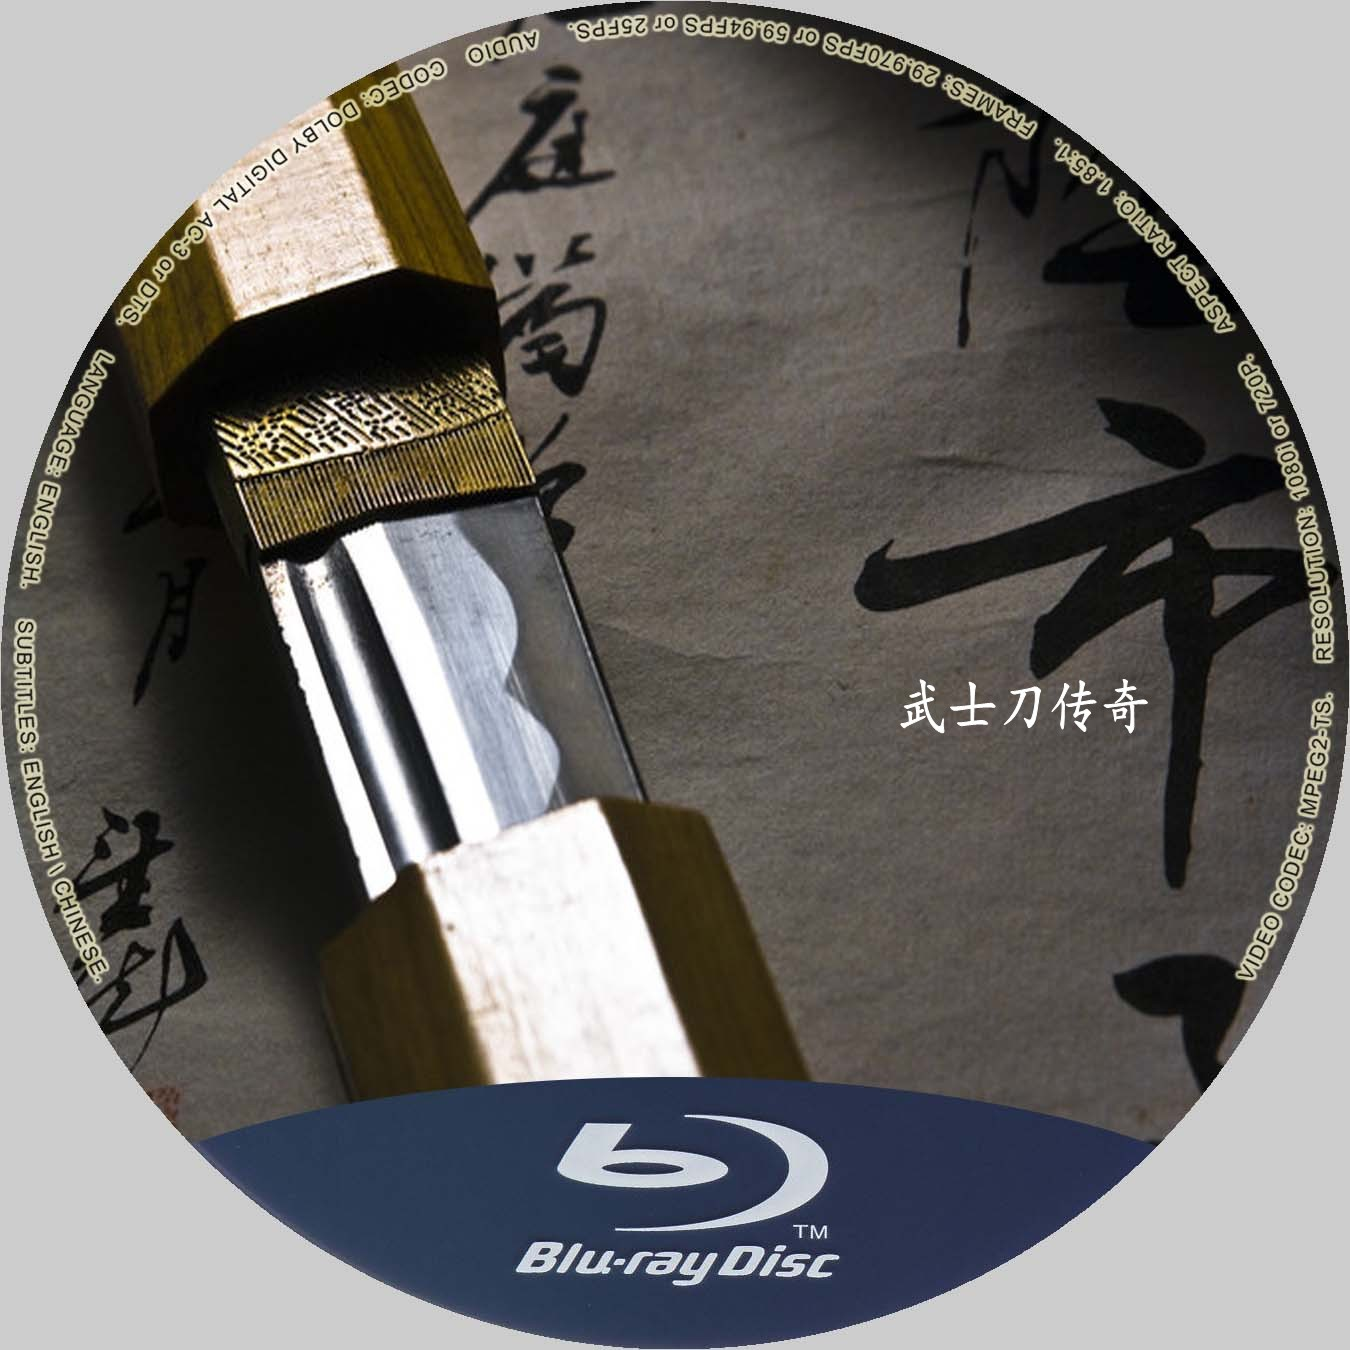 武士刀传奇 ---即是纪录片又是发烧级蓝光测试碟